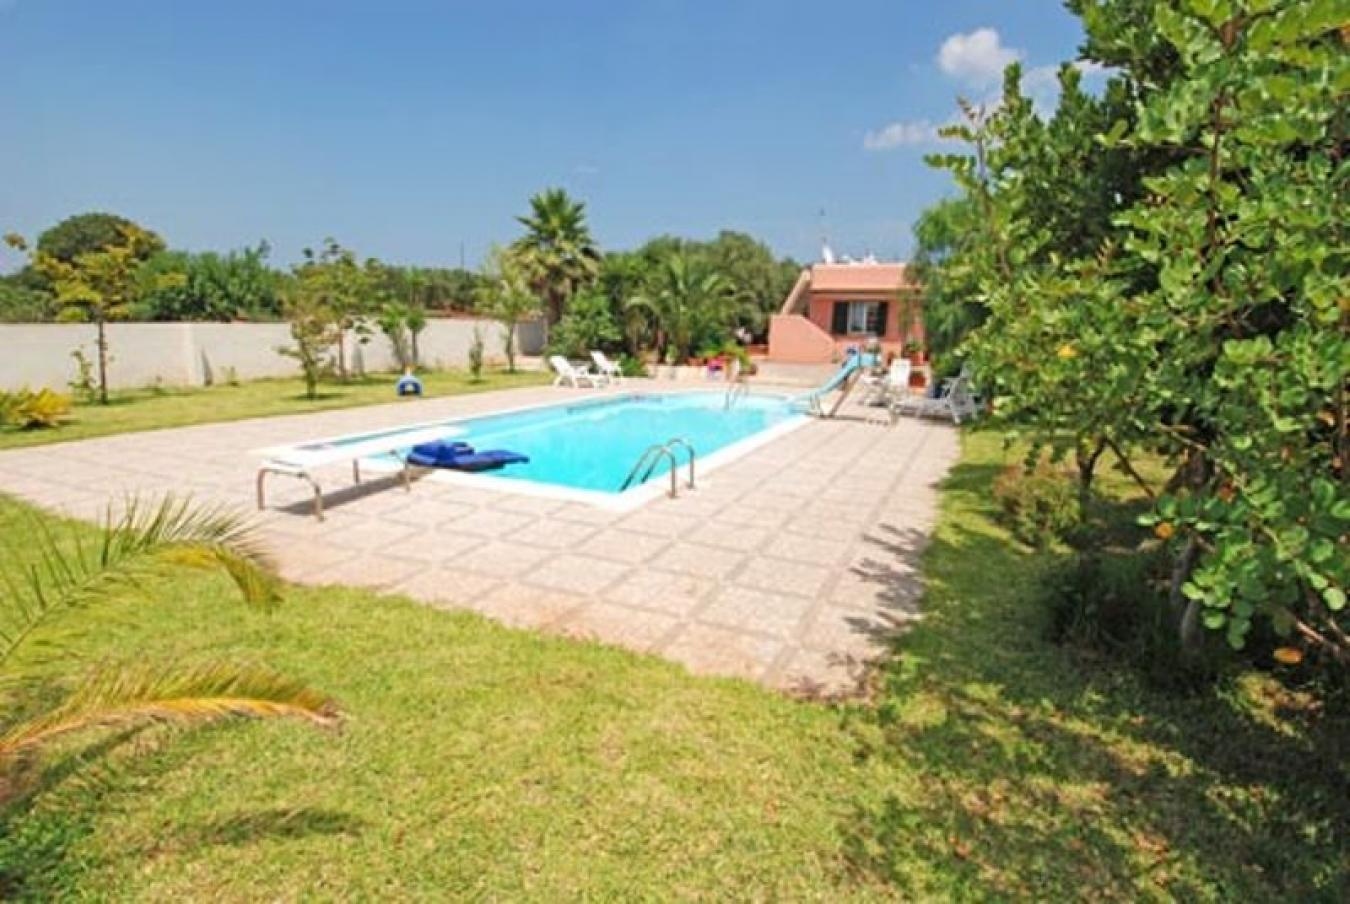 Tiggiano marina serra affitto villa con piscina villa rosa - Piscine di rosa ...